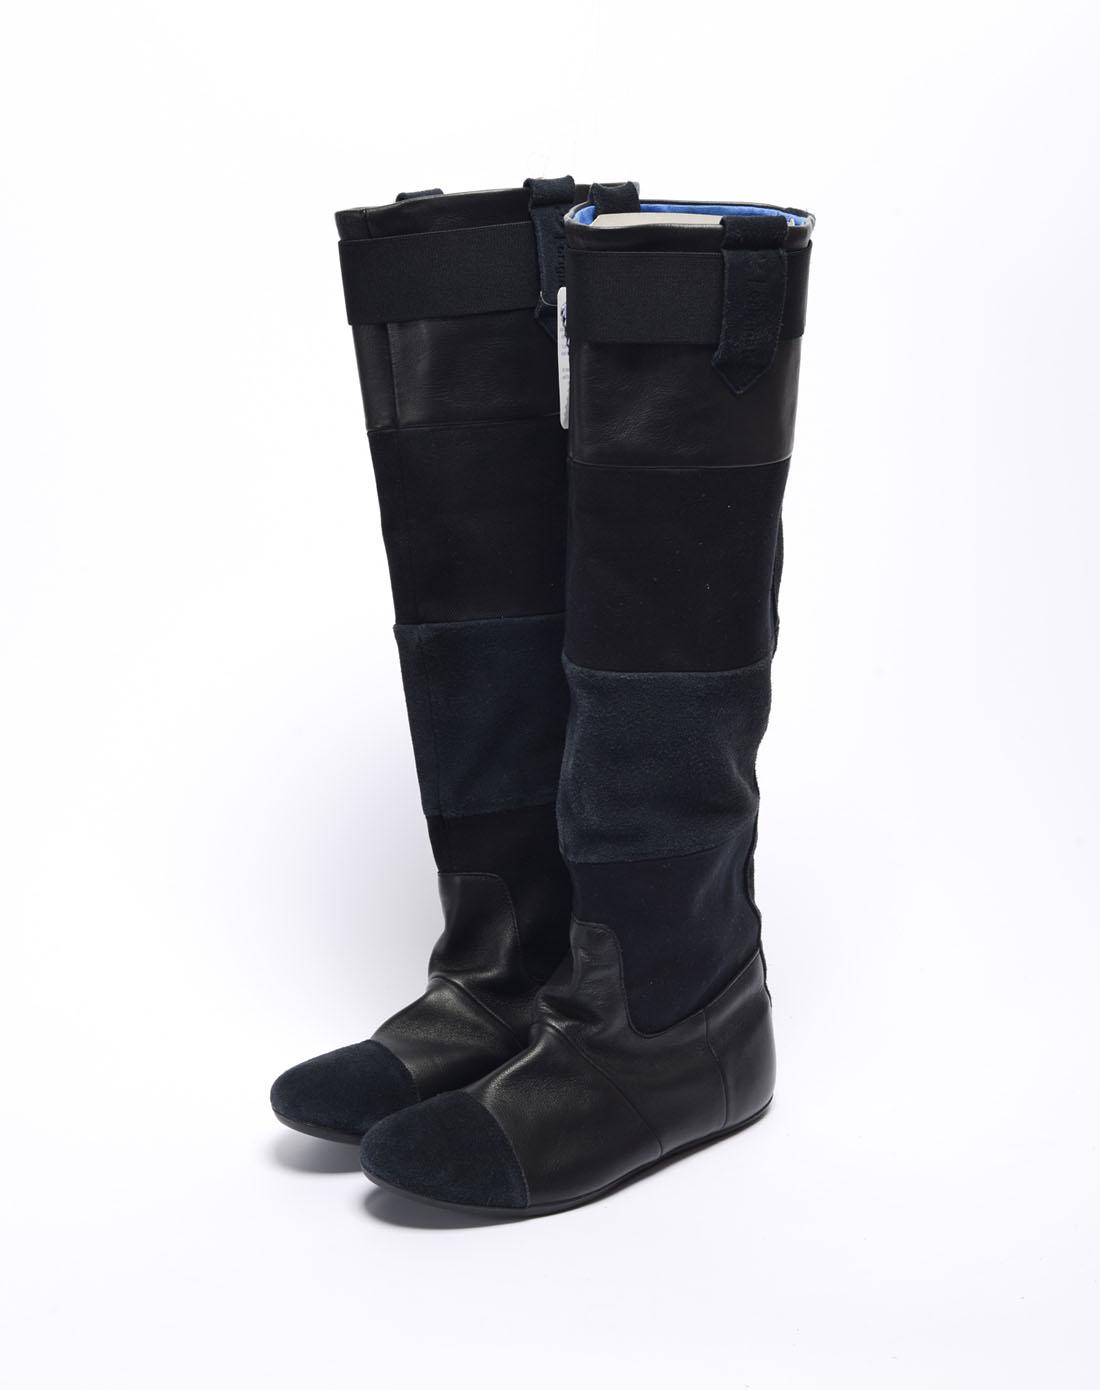 阿迪达斯adidas女鞋专场-女子黑色长靴